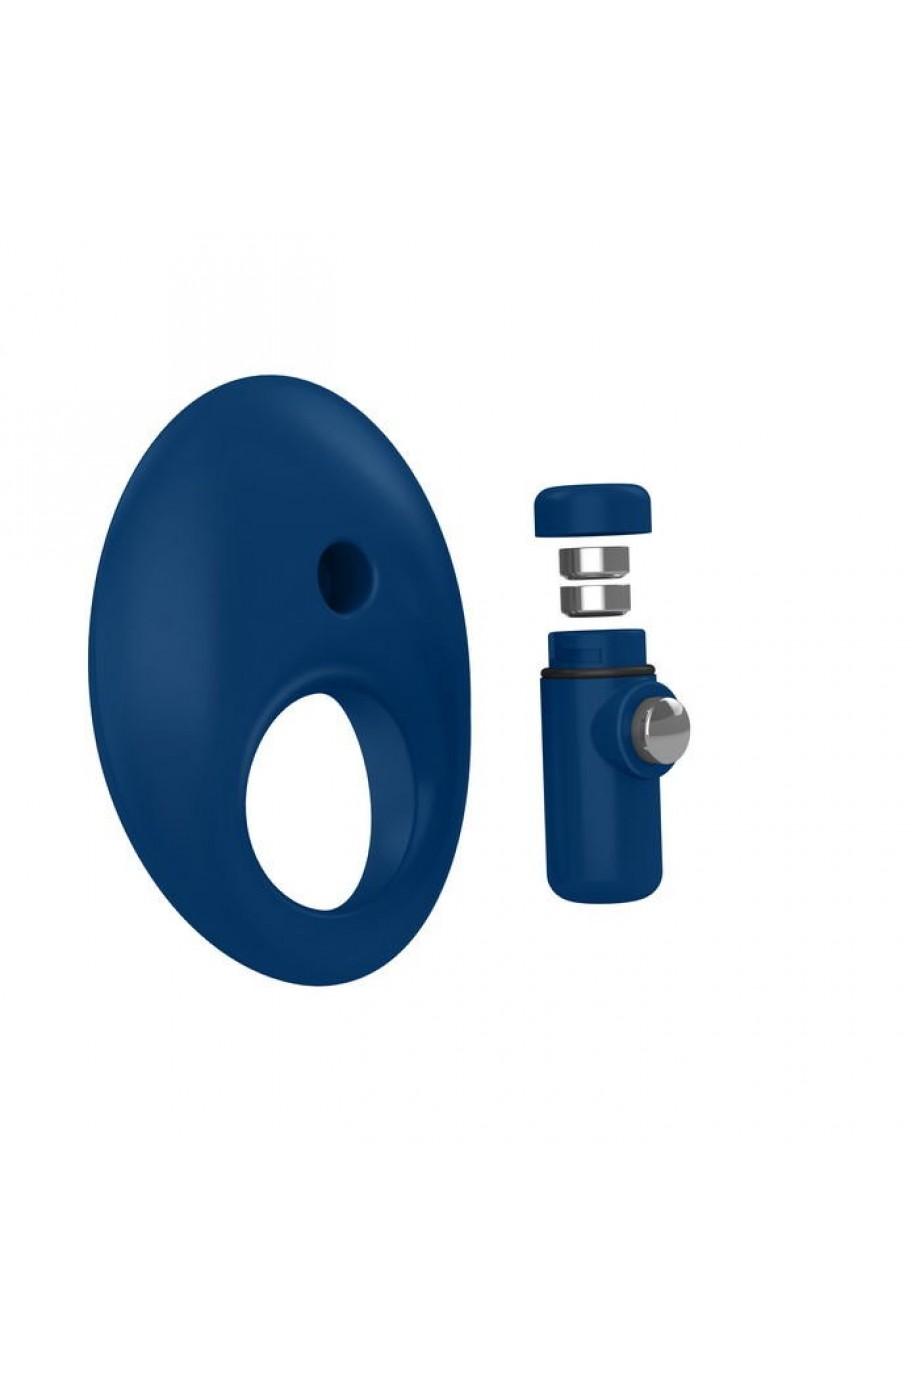 Эрекционное кольцо OVO закругленной стмулирующей формы с ультрасильной вибрацией, силиконовое, синее